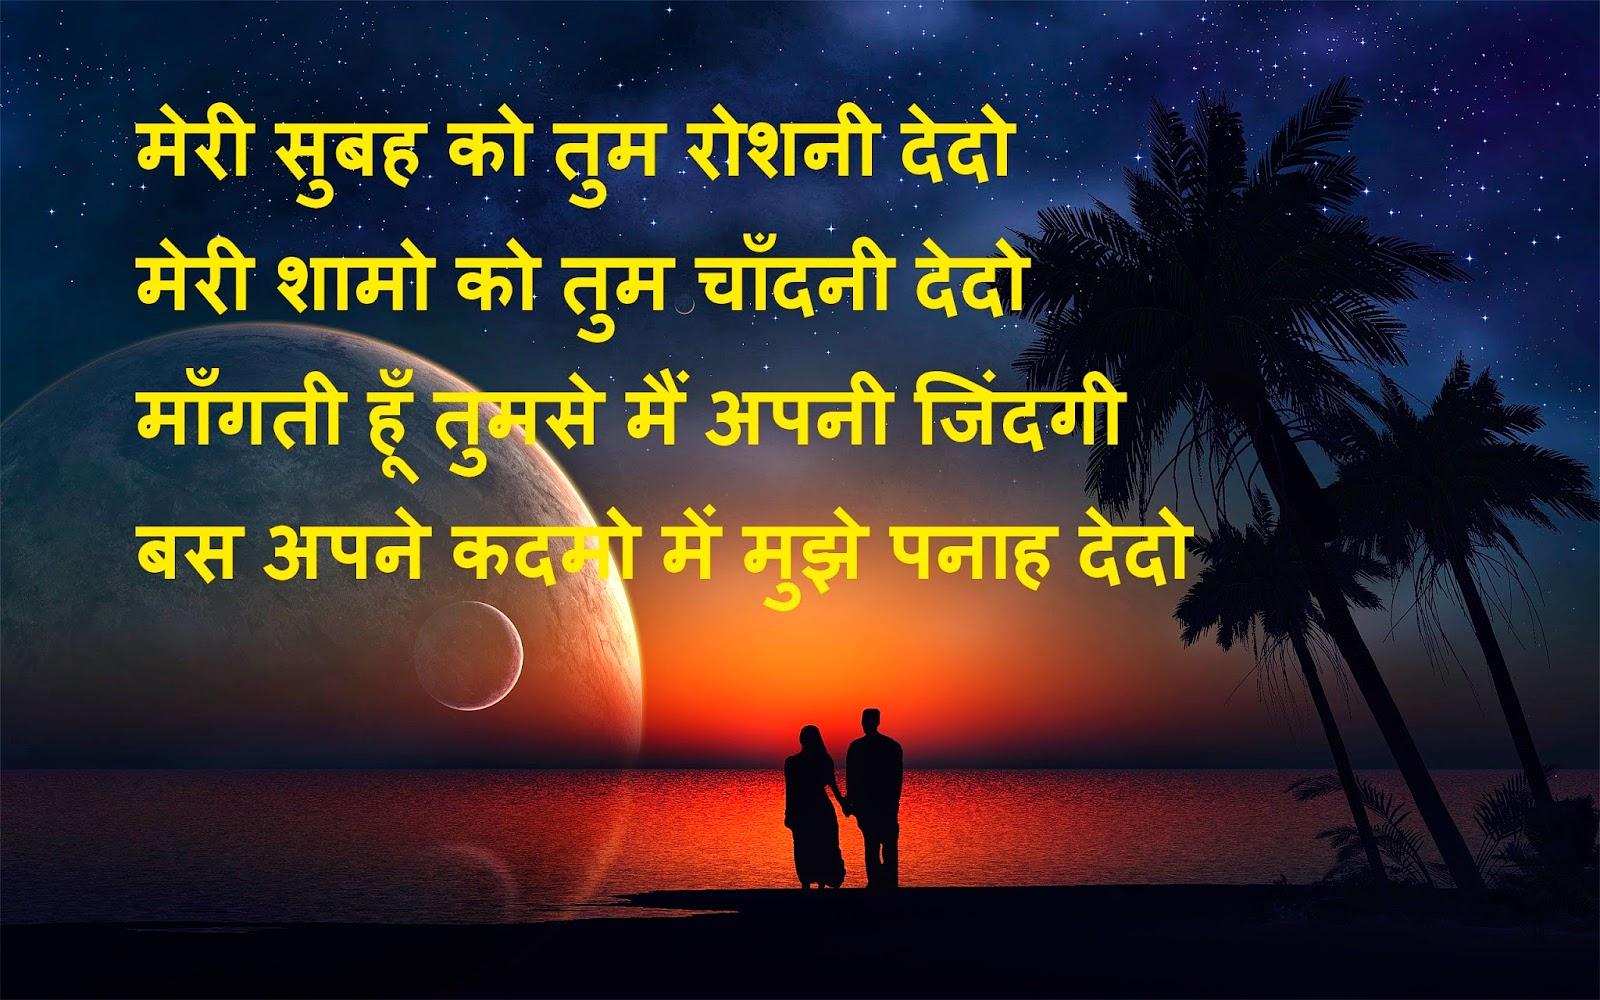 Gf Bf Wallpaper With Quotes Shayari Hi Shayari Excellent Images Download Dard Ishq